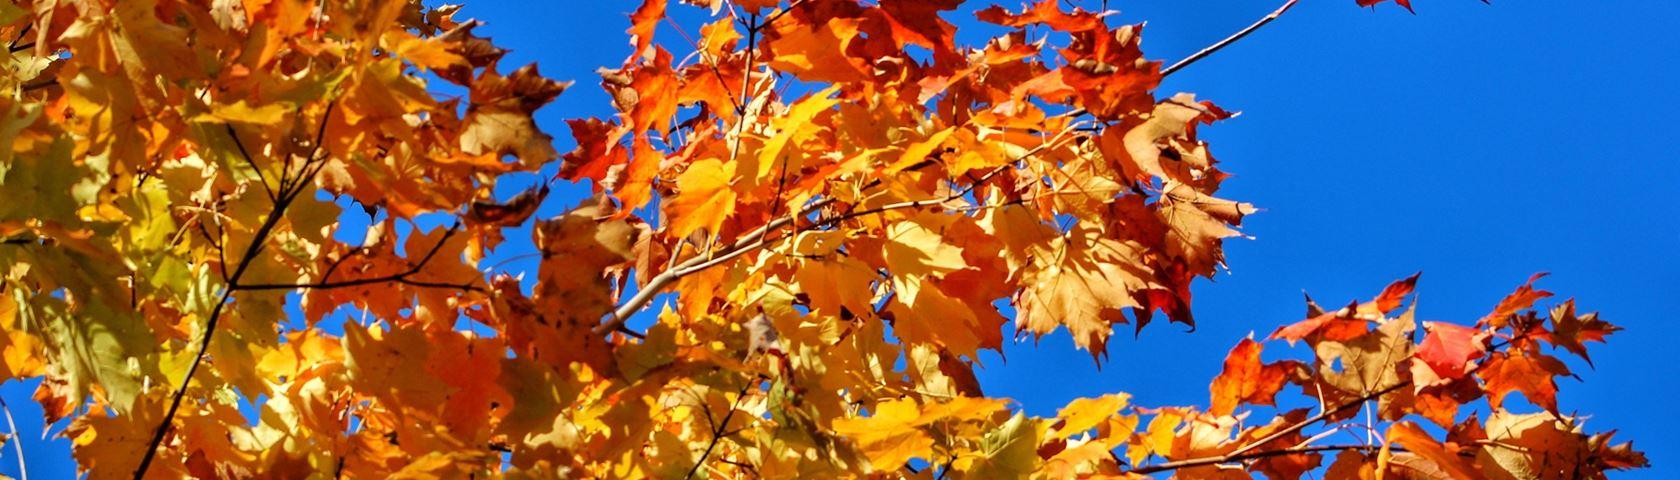 Autumn Dazzle